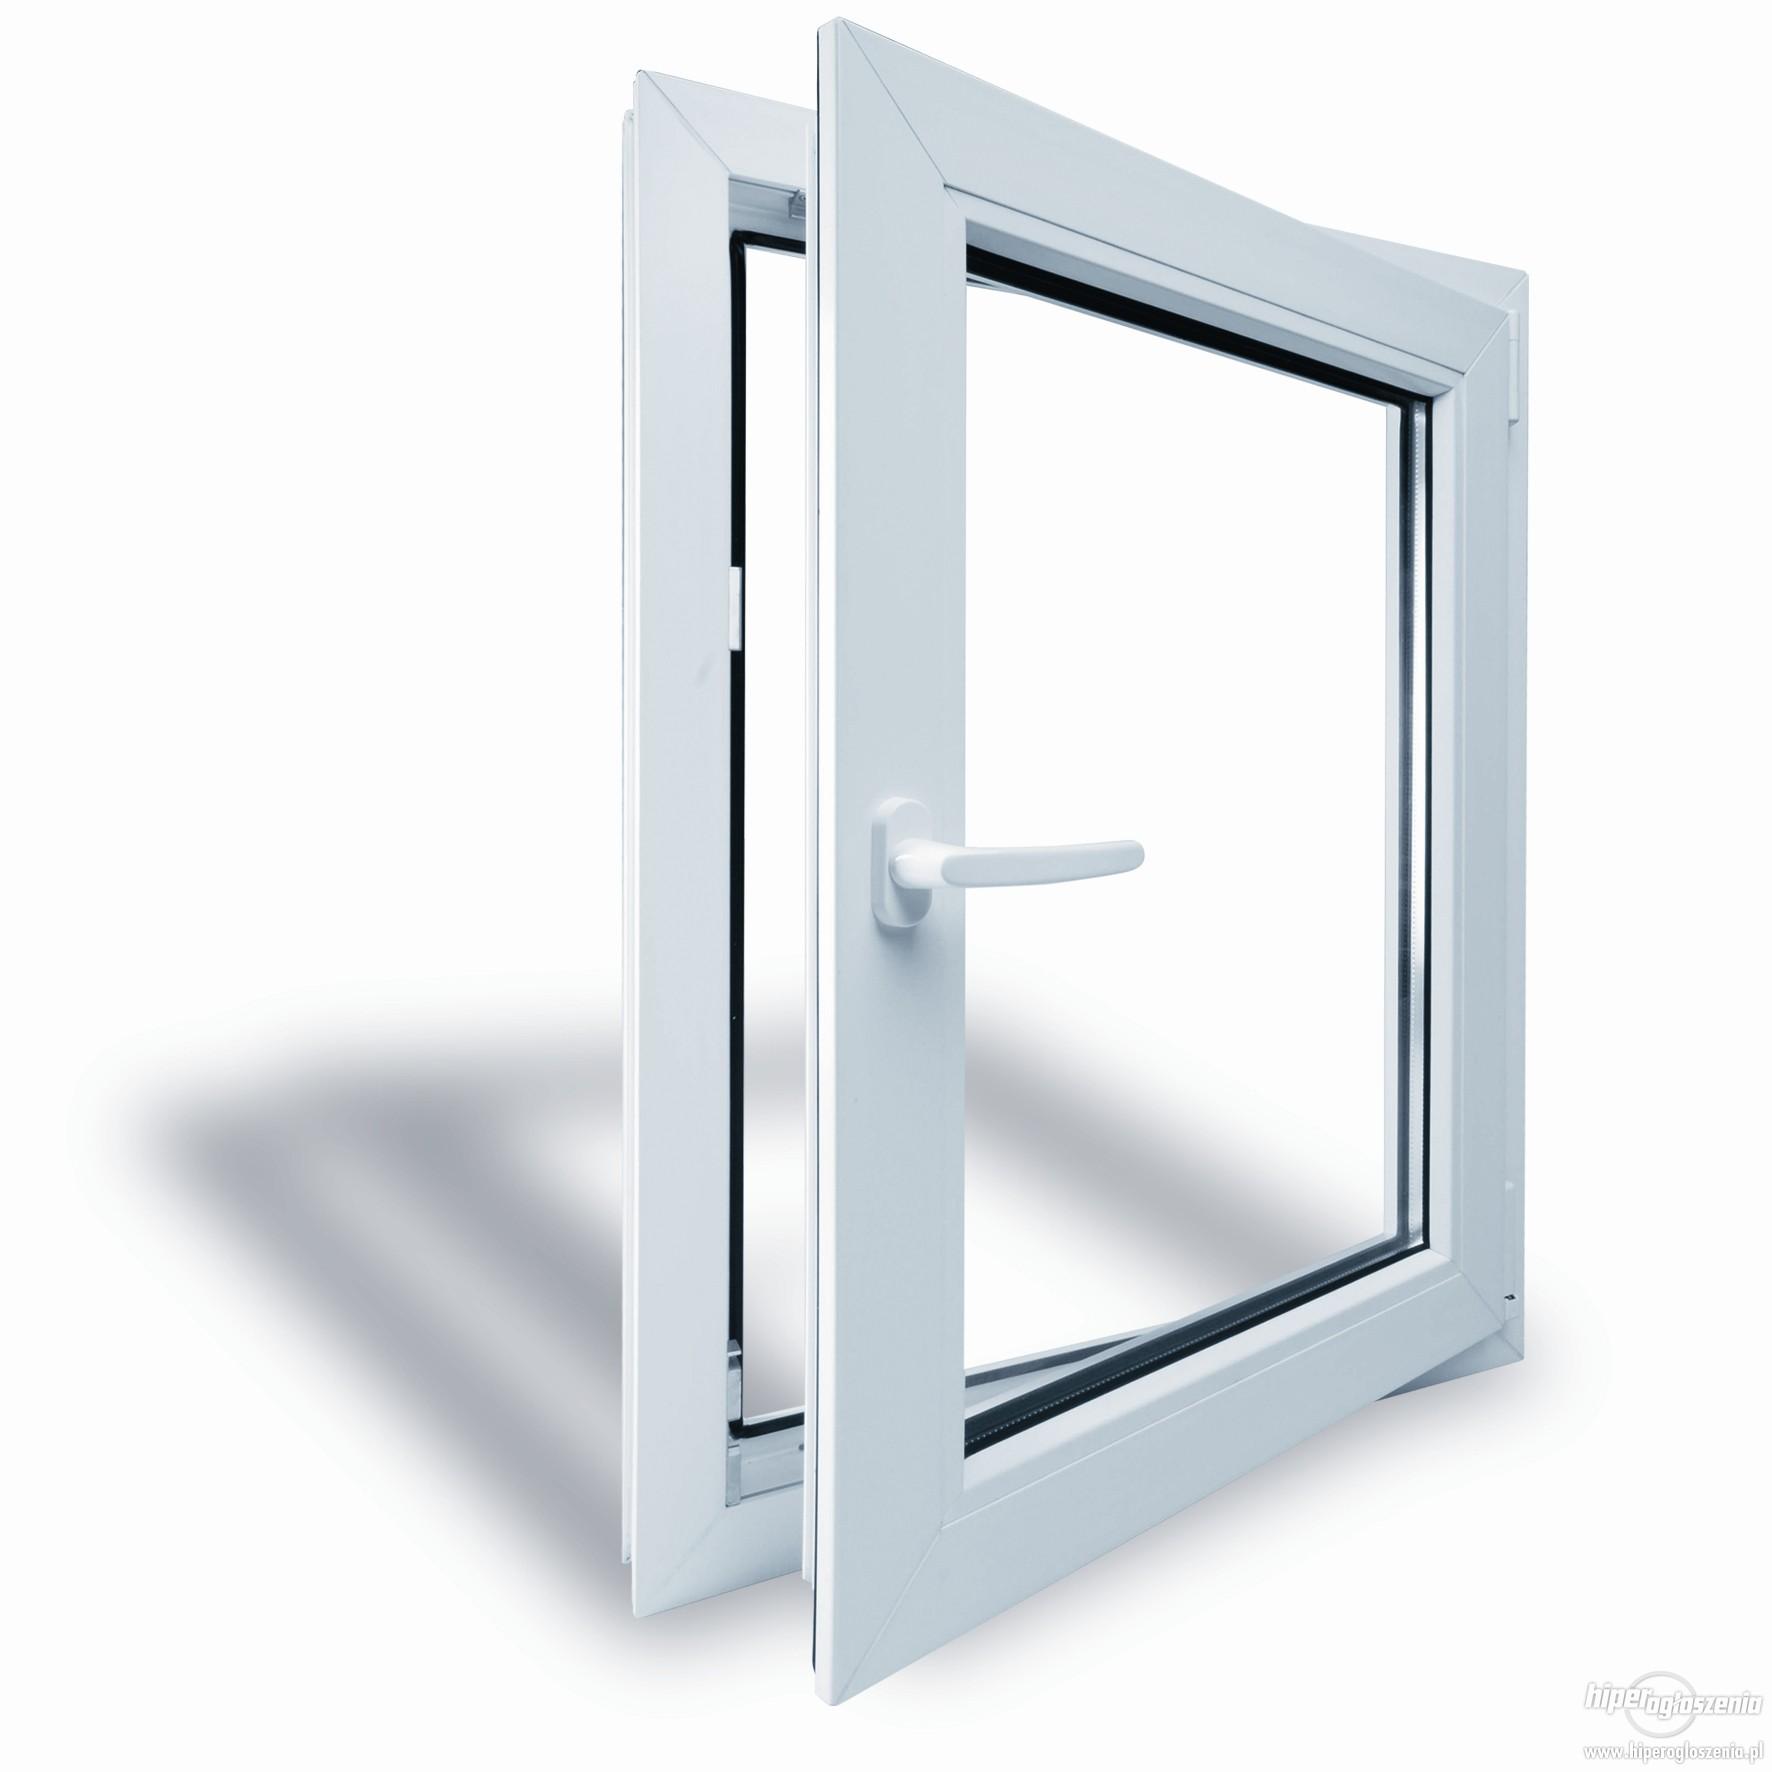 L 39 artigiano infissi finestre in pvc e legno alluminio for Costo infissi in pvc